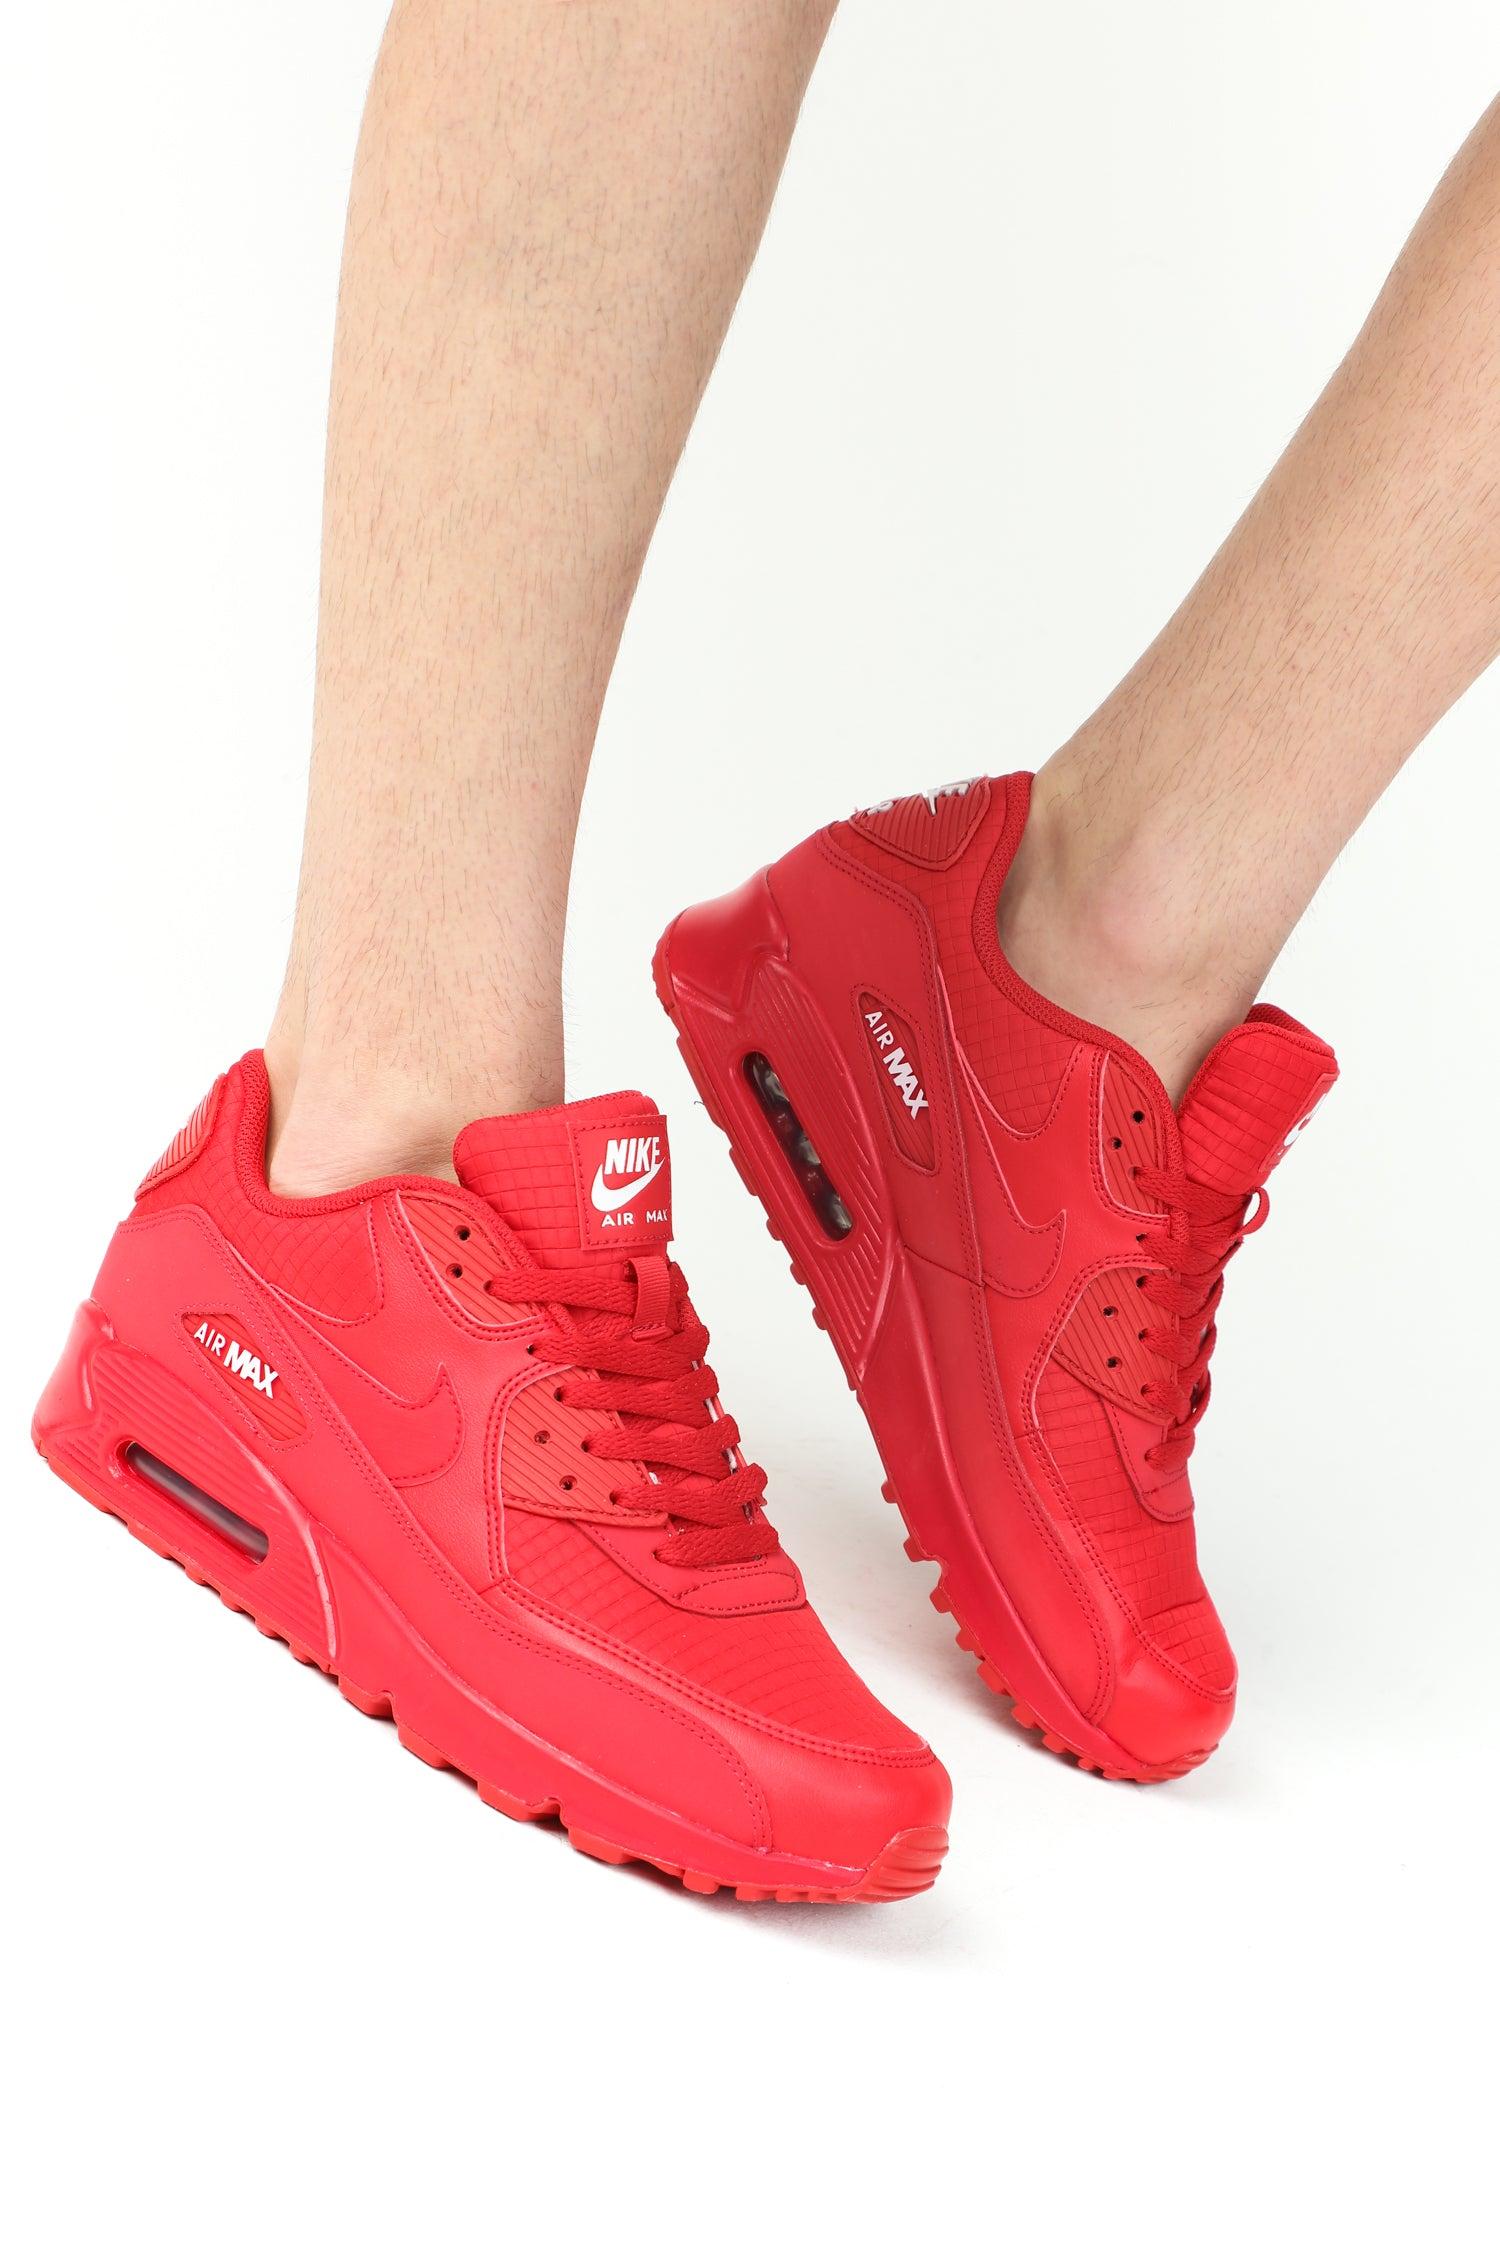 Nike Air Max 90 Essential University Red | 43einhalb Sneaker Store